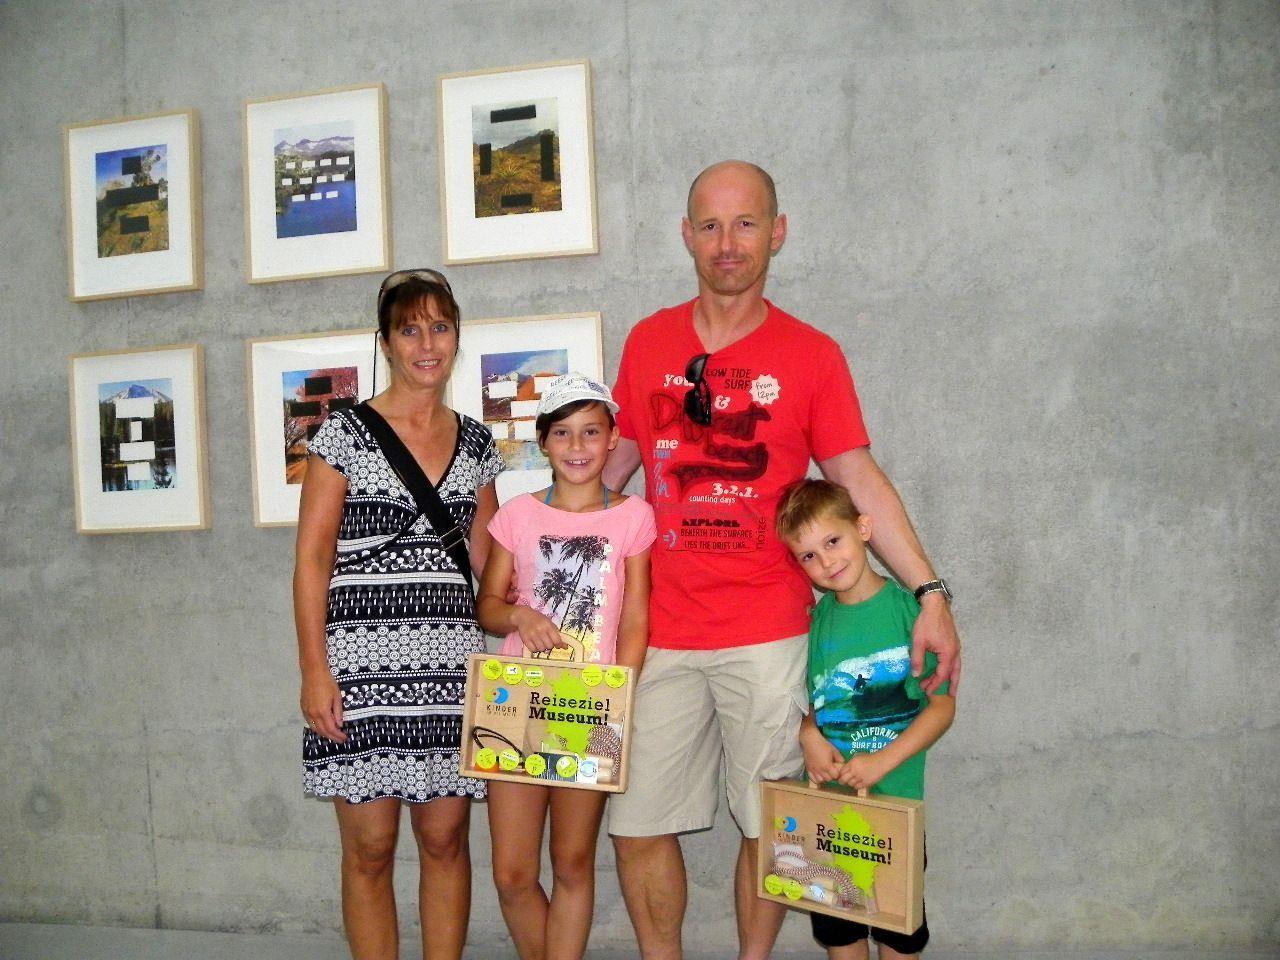 Gemeinsam wurden die Vorarlberger Museen erkundet